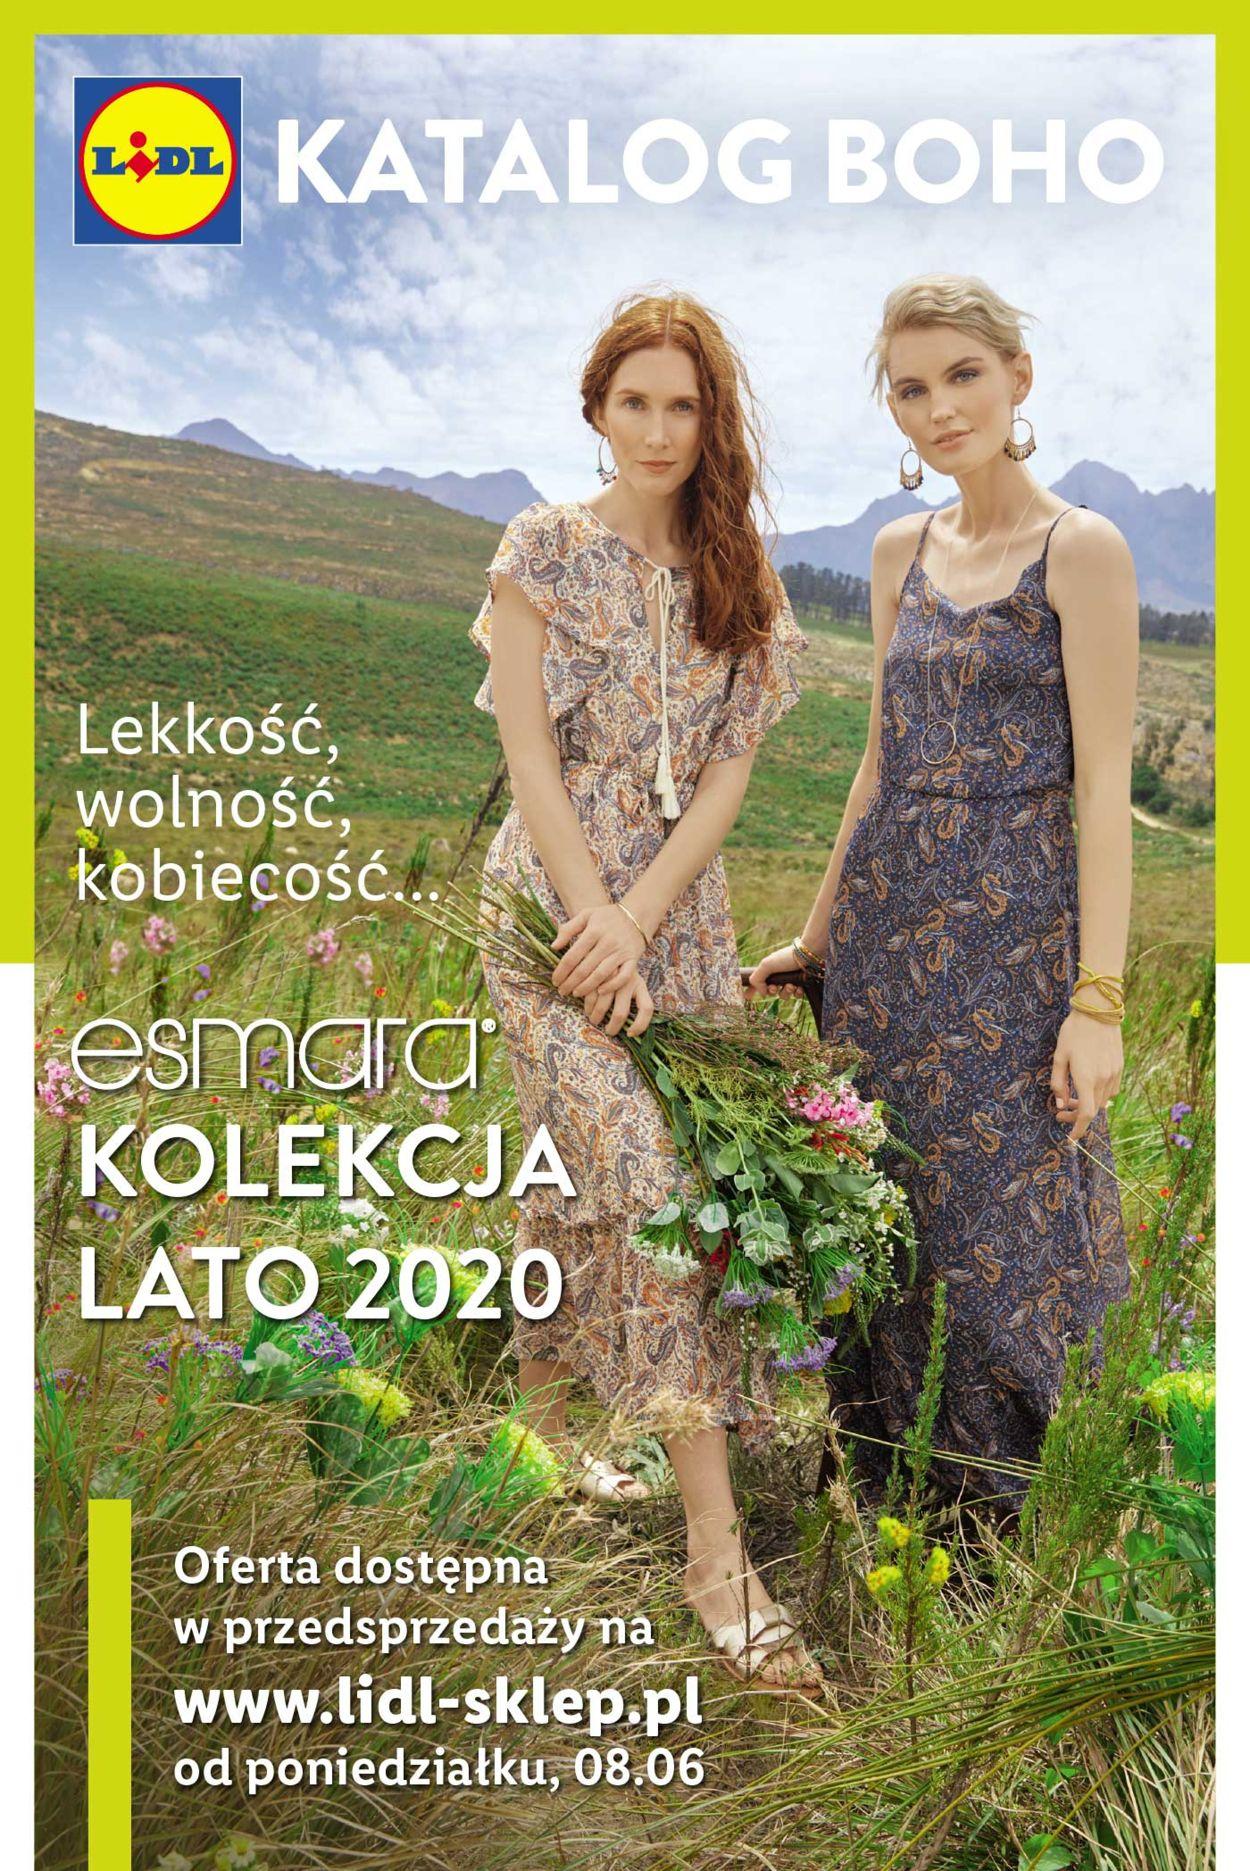 Gazetka promocyjna LIDL - 08.06-22.06.2020